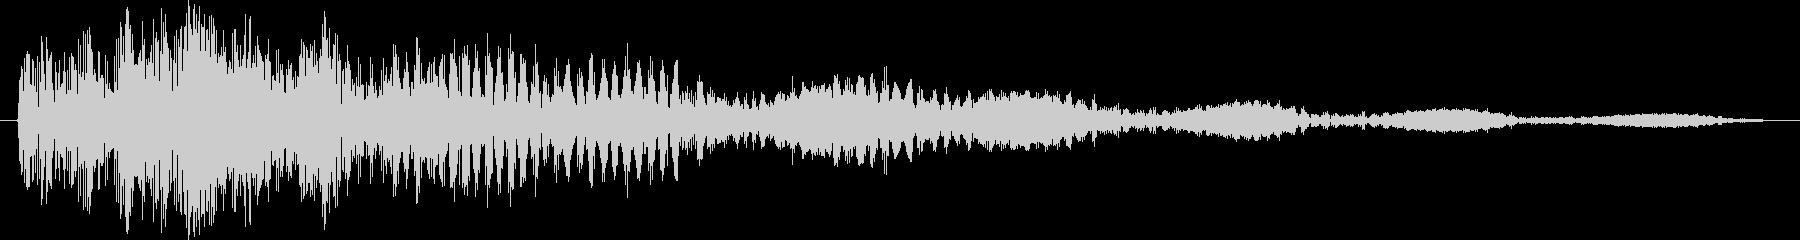 ズゥウンウン (怪人登場)の未再生の波形